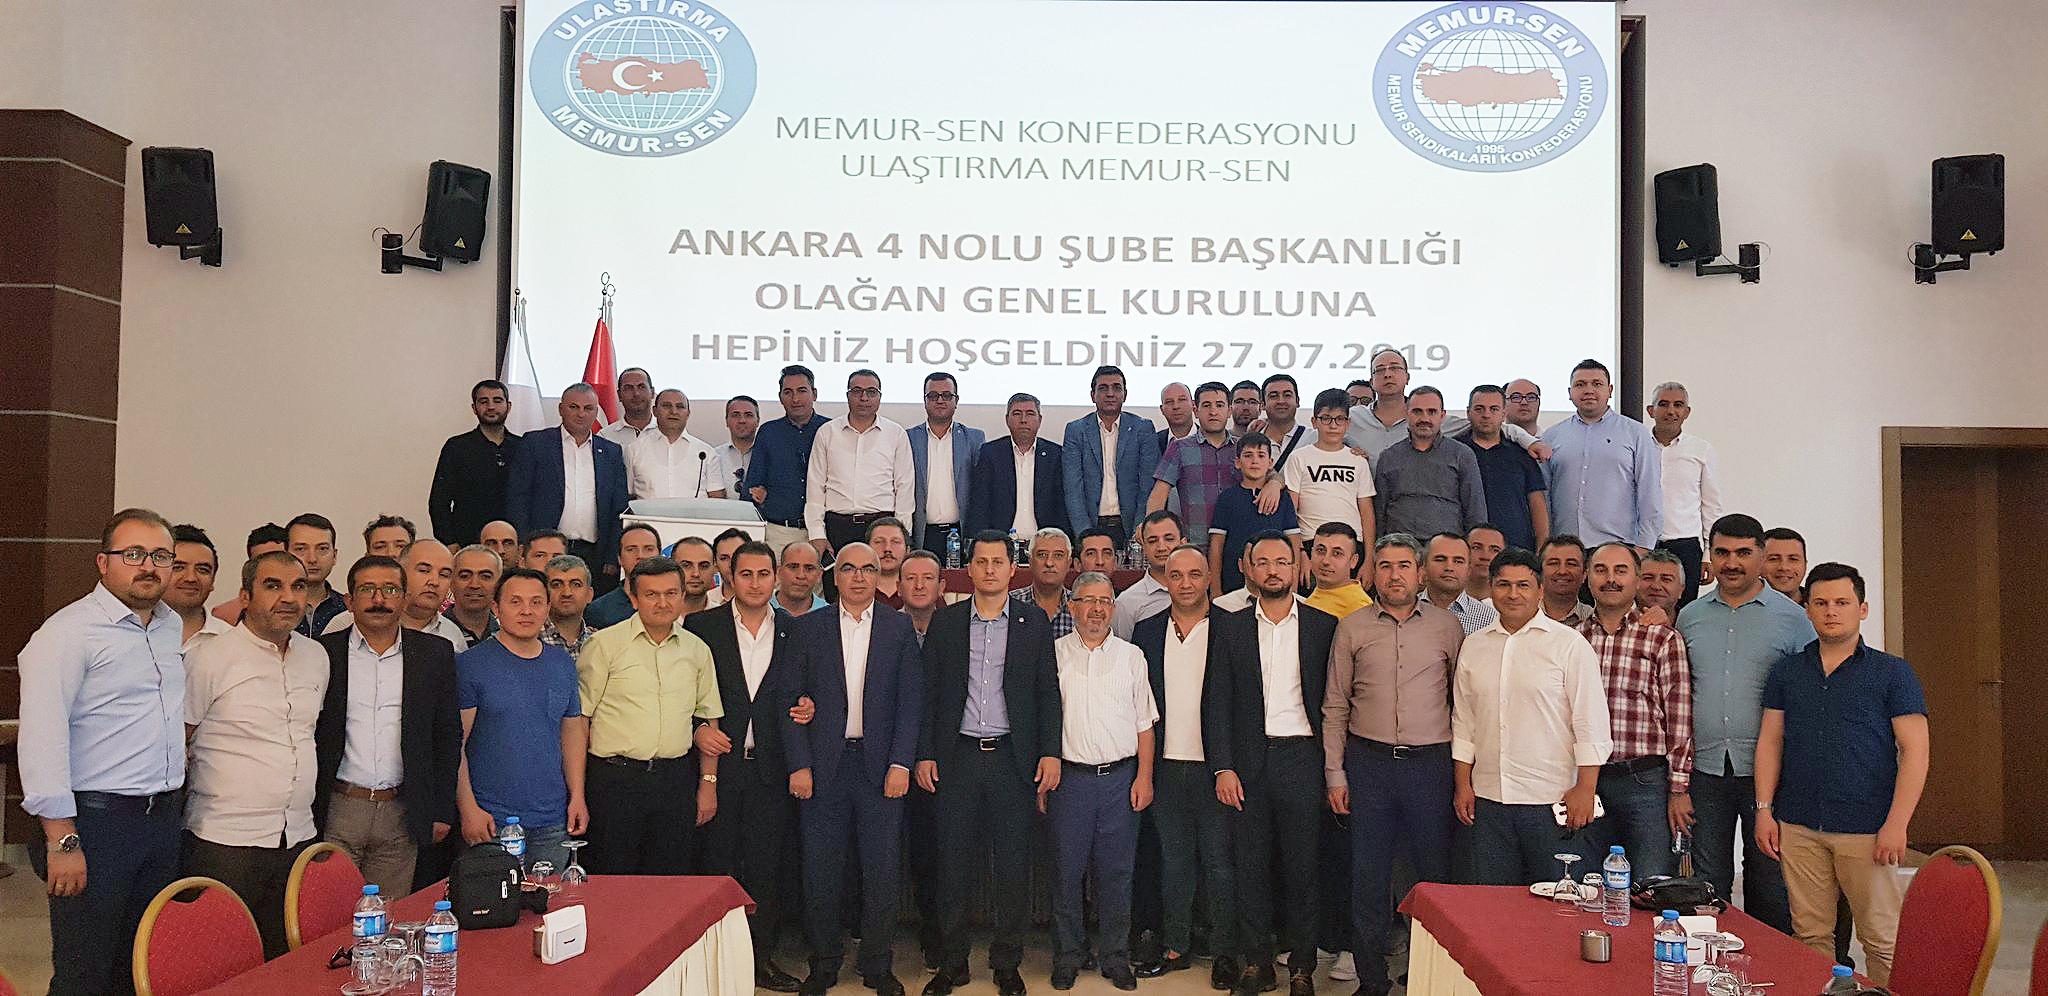 Ankara 4 No'lu şube Genel Kurulu yapıldı